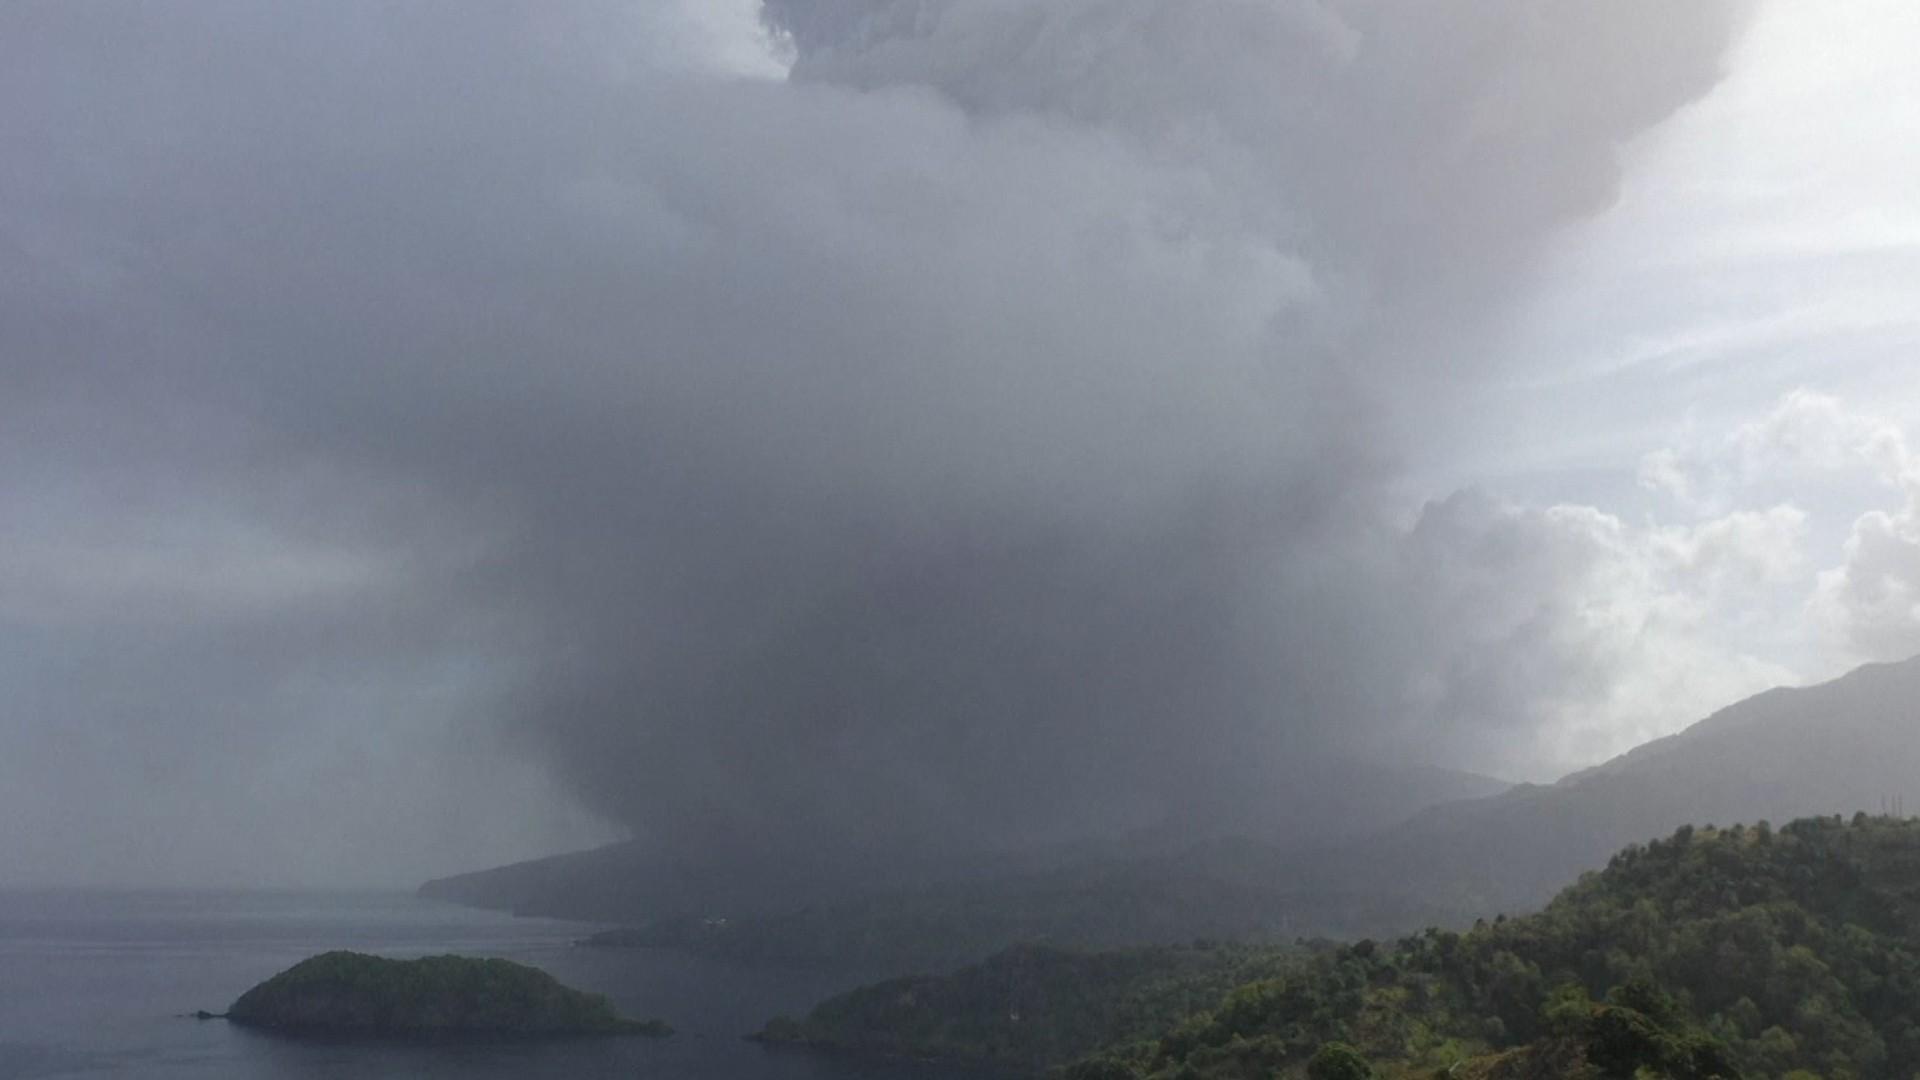 Un vulcan din Caraibe a erupt după 40 de ani. Mii de oameni au fost evacuaţi